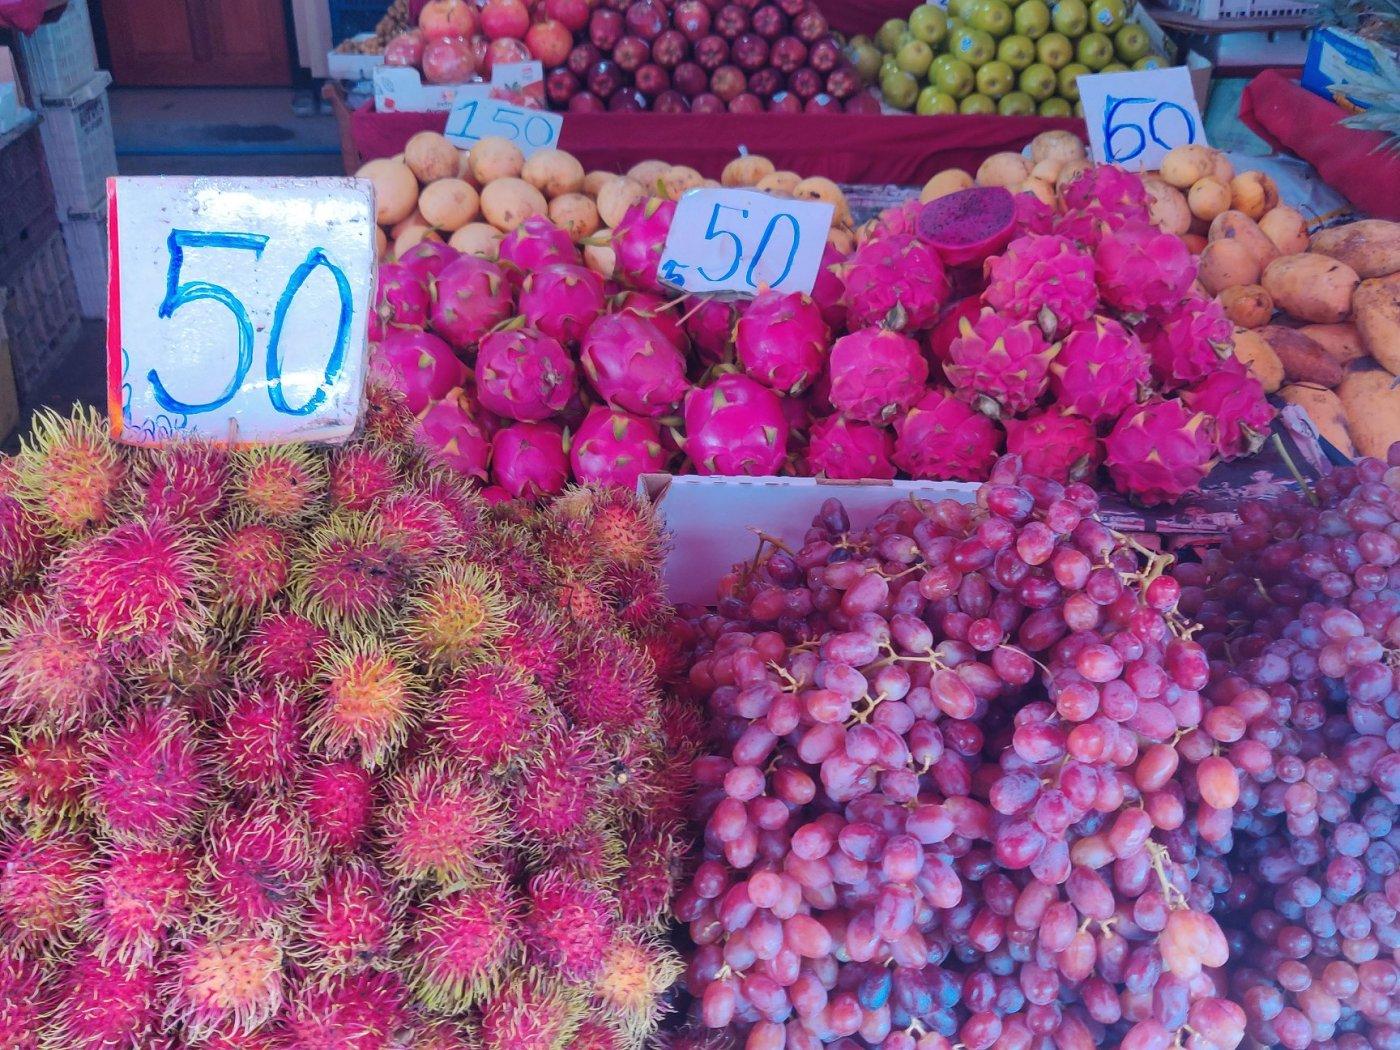 frutta in asia, e' sicura la frutta in asia, frutta nel sud est asiatico, mercati nel sud est asiatico